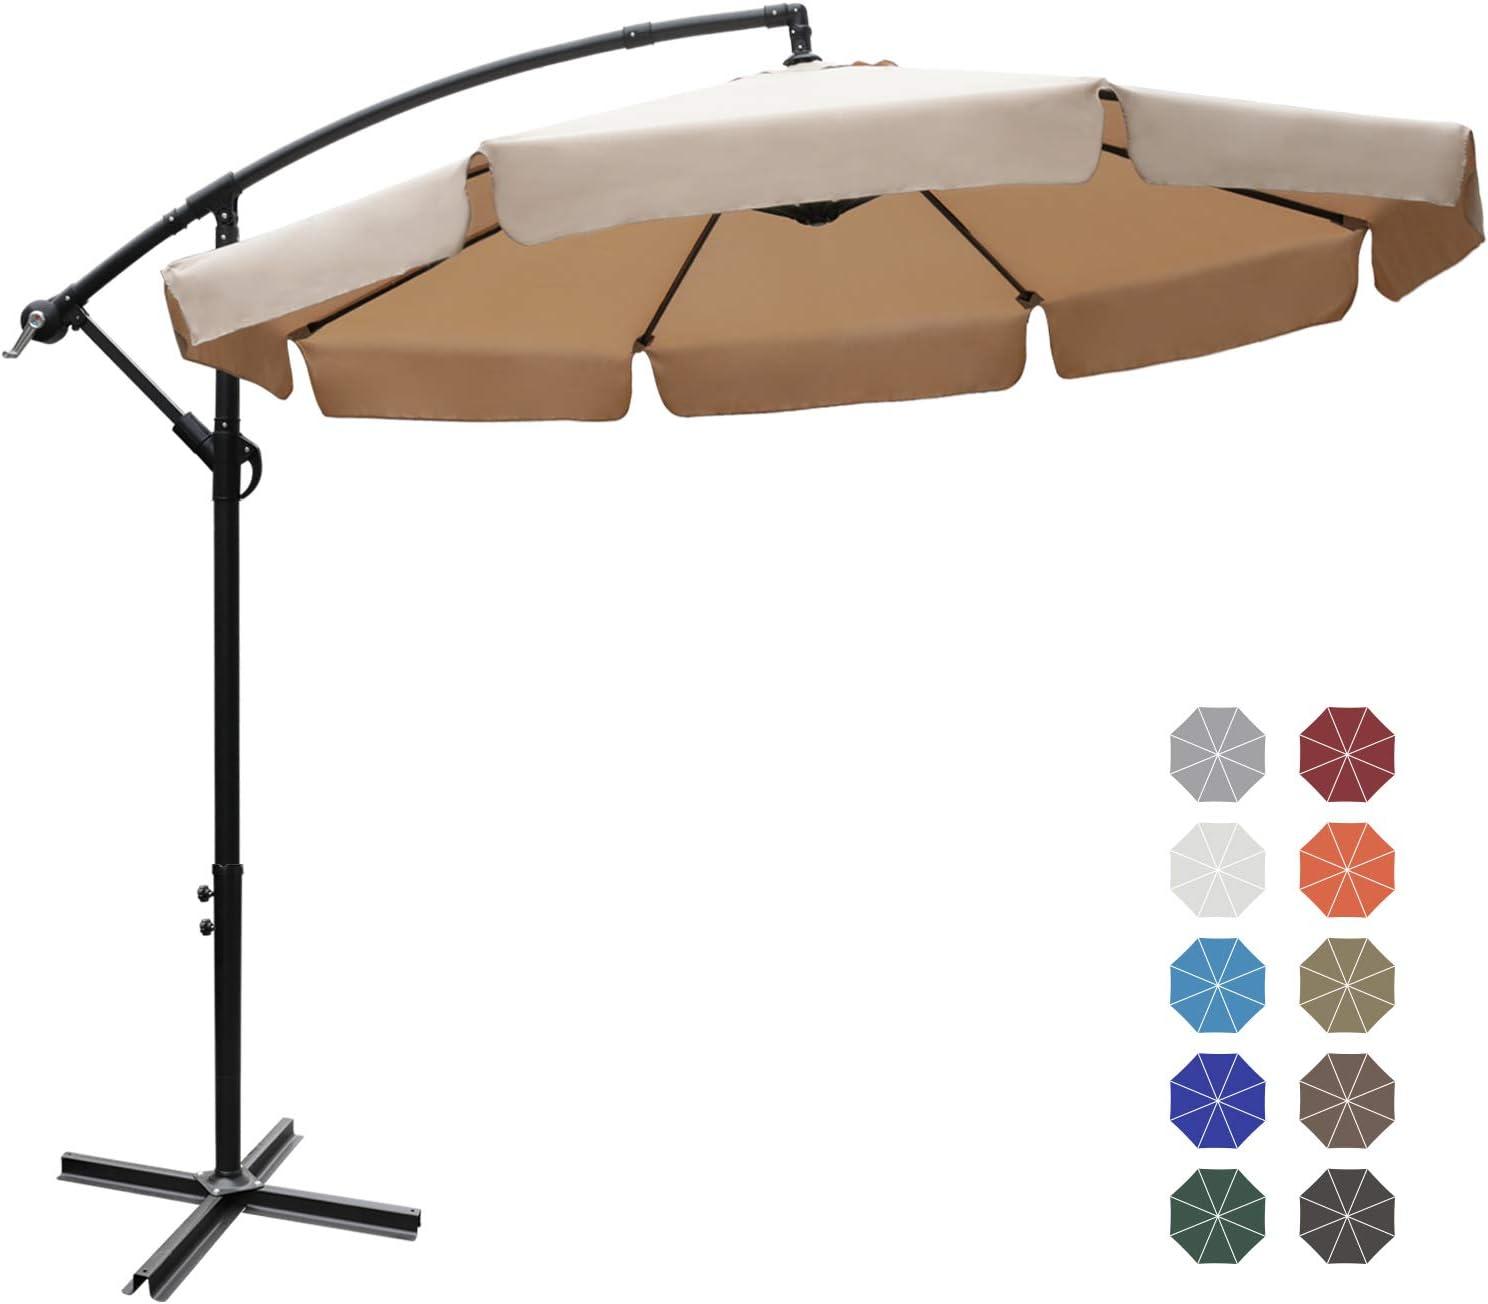 Patio Umbrellas Cantilever Umbrella Offset Hanging Umbrellas 9 FT Outdoor Market Umbrella with Crank & Cross Base for Garden, Deck, Backyard, Pool and Beach, 12+ Colors,Khaki